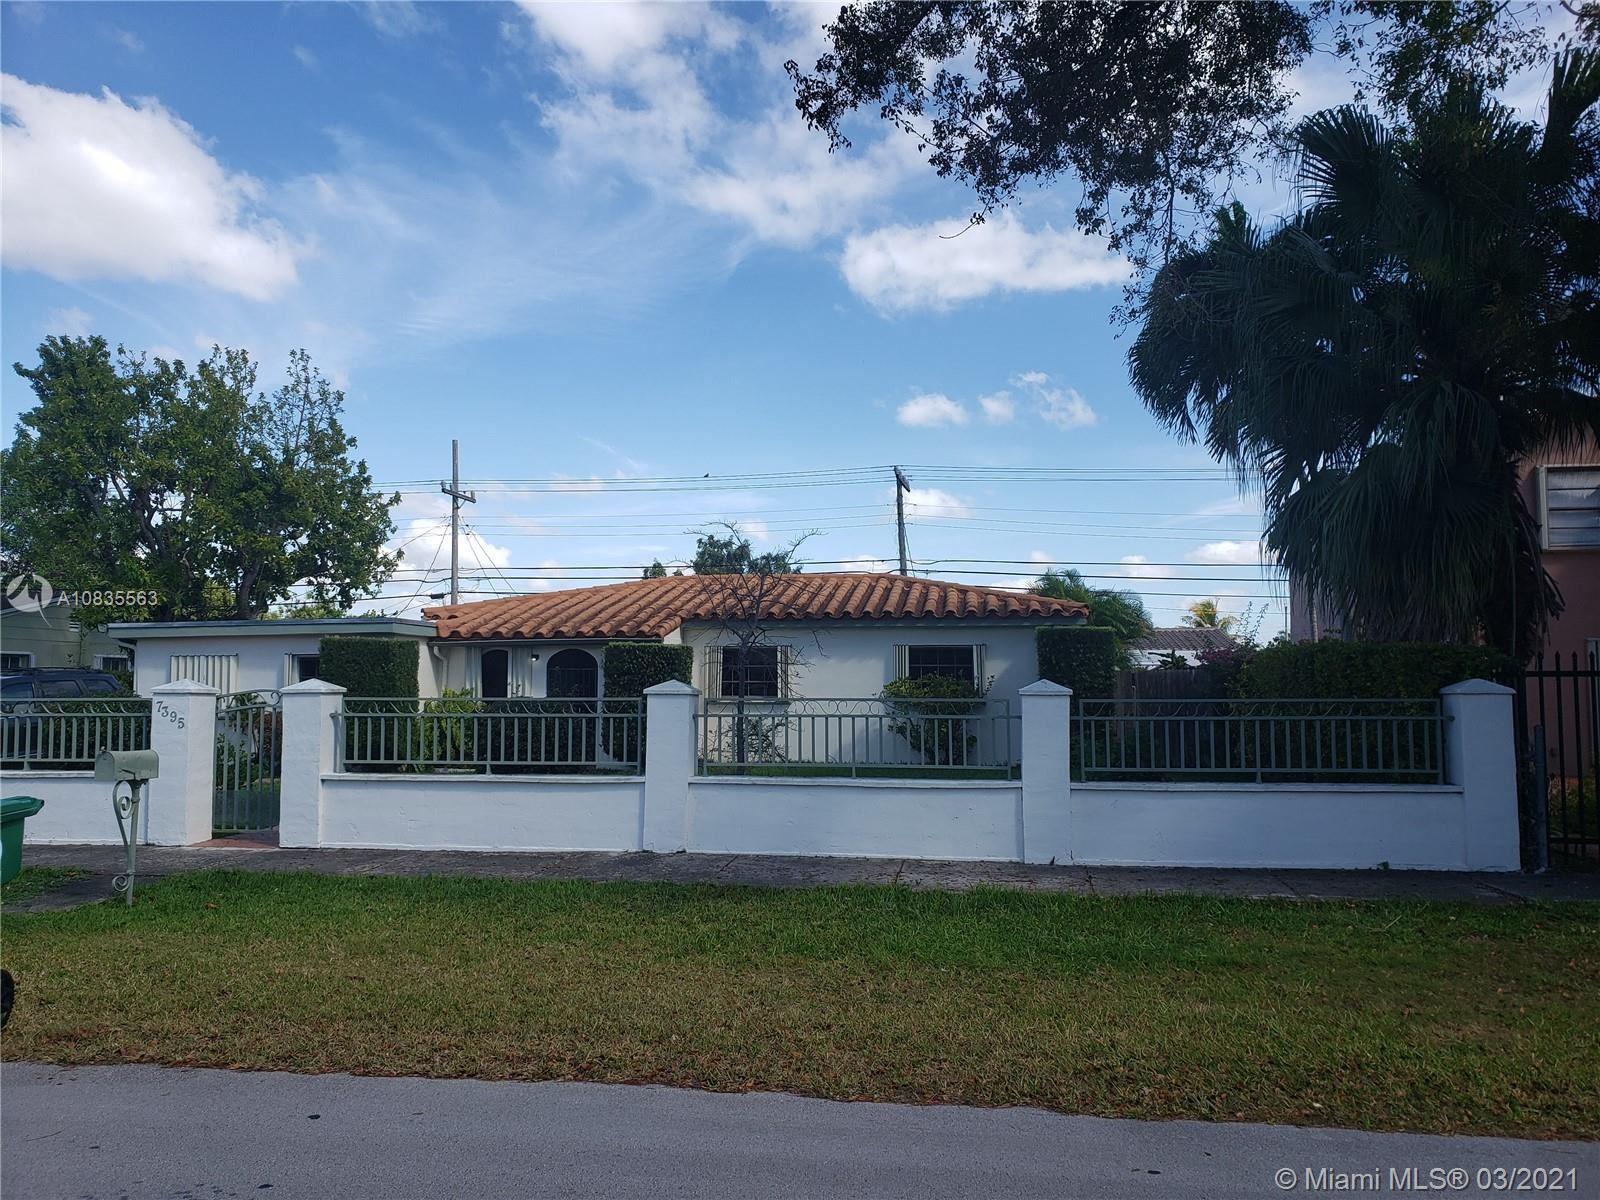 7395 SW 39th St, Miami, FL 33155 - #: A10835563